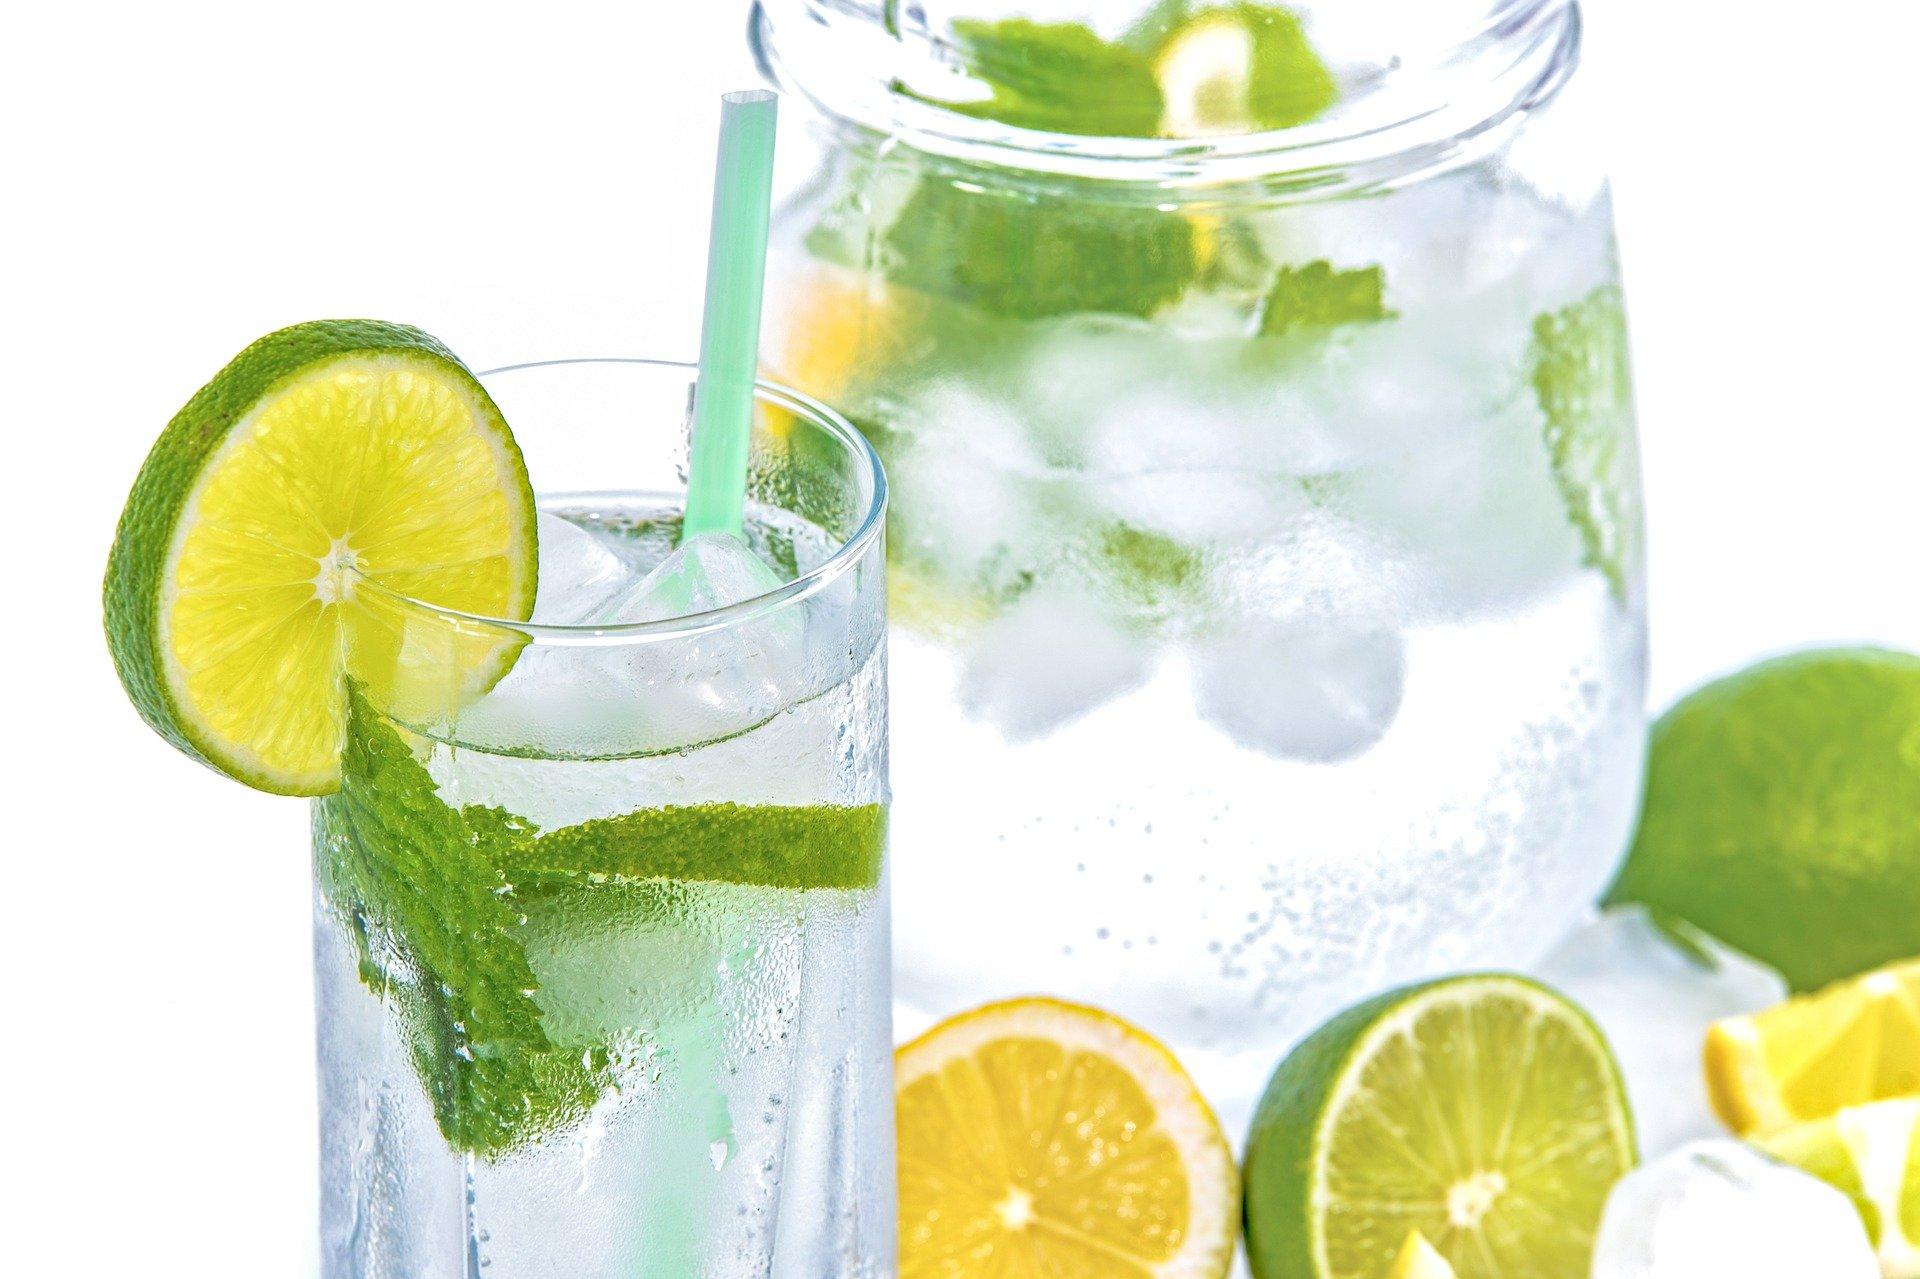 Cuales son los beneficios del limón (y que hace si se consume en ayunas) - Prensa Libre